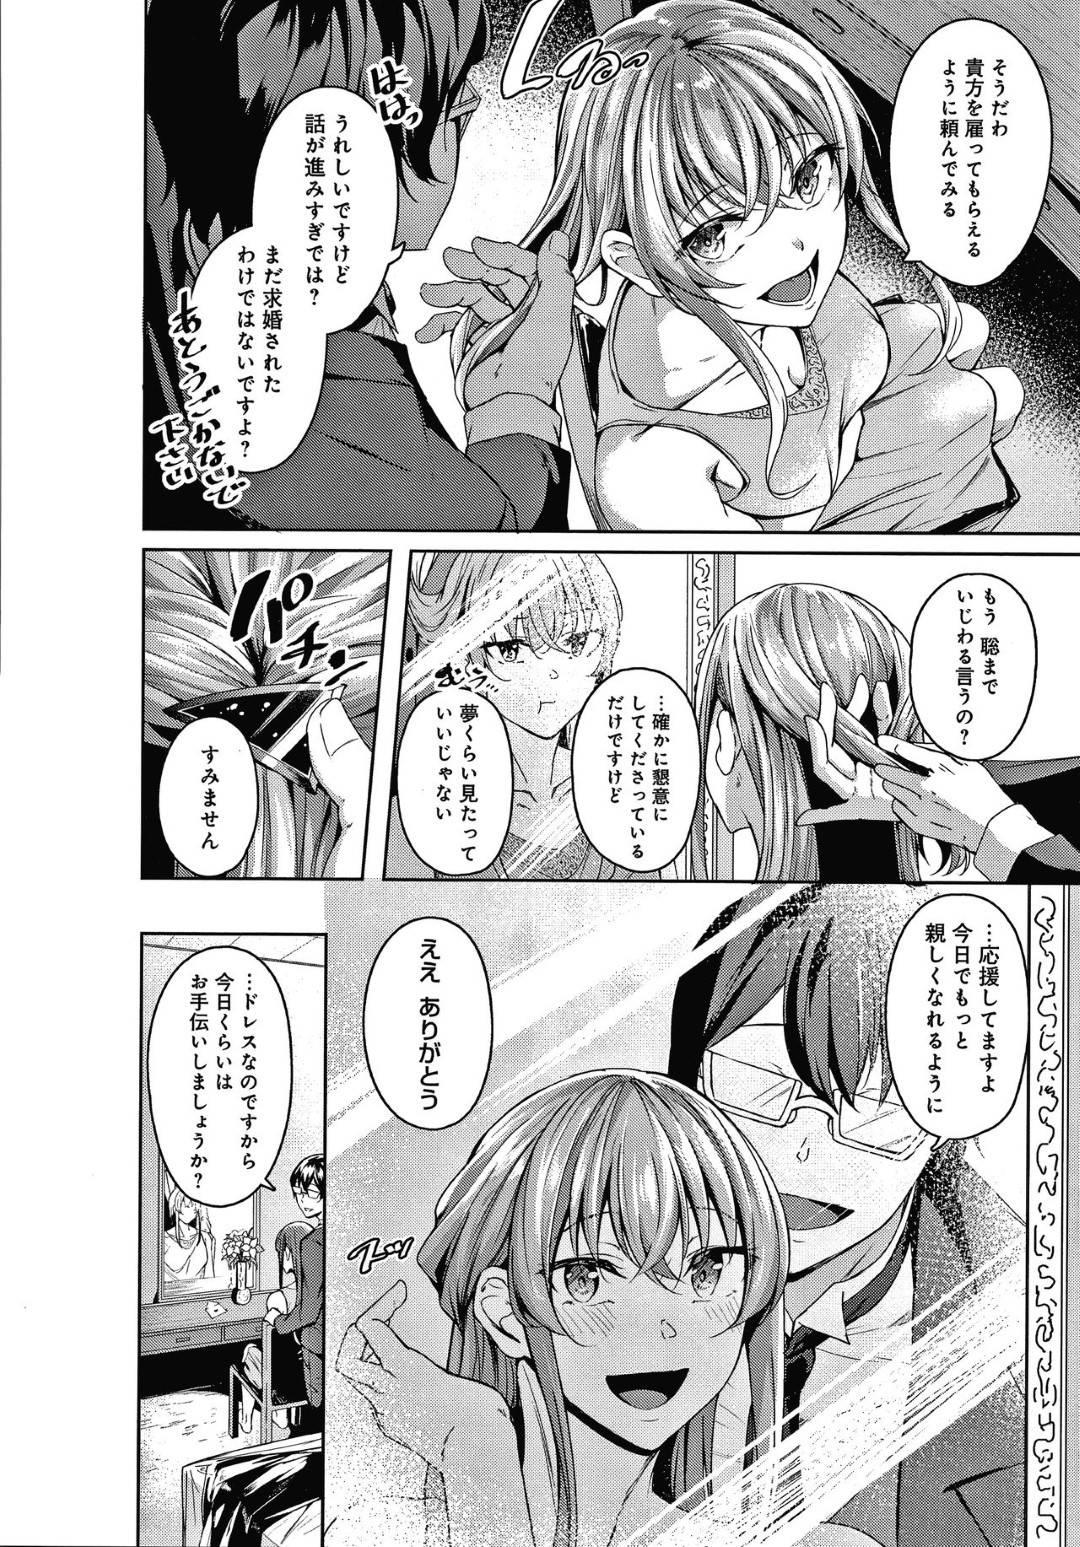 【主従関係エロ漫画】失恋したお嬢様は、自暴自棄になってしまい執事を求める。お嬢様に想いを寄せていた執事は我慢できず首絞めセックスでイかせまくる【みかわや】